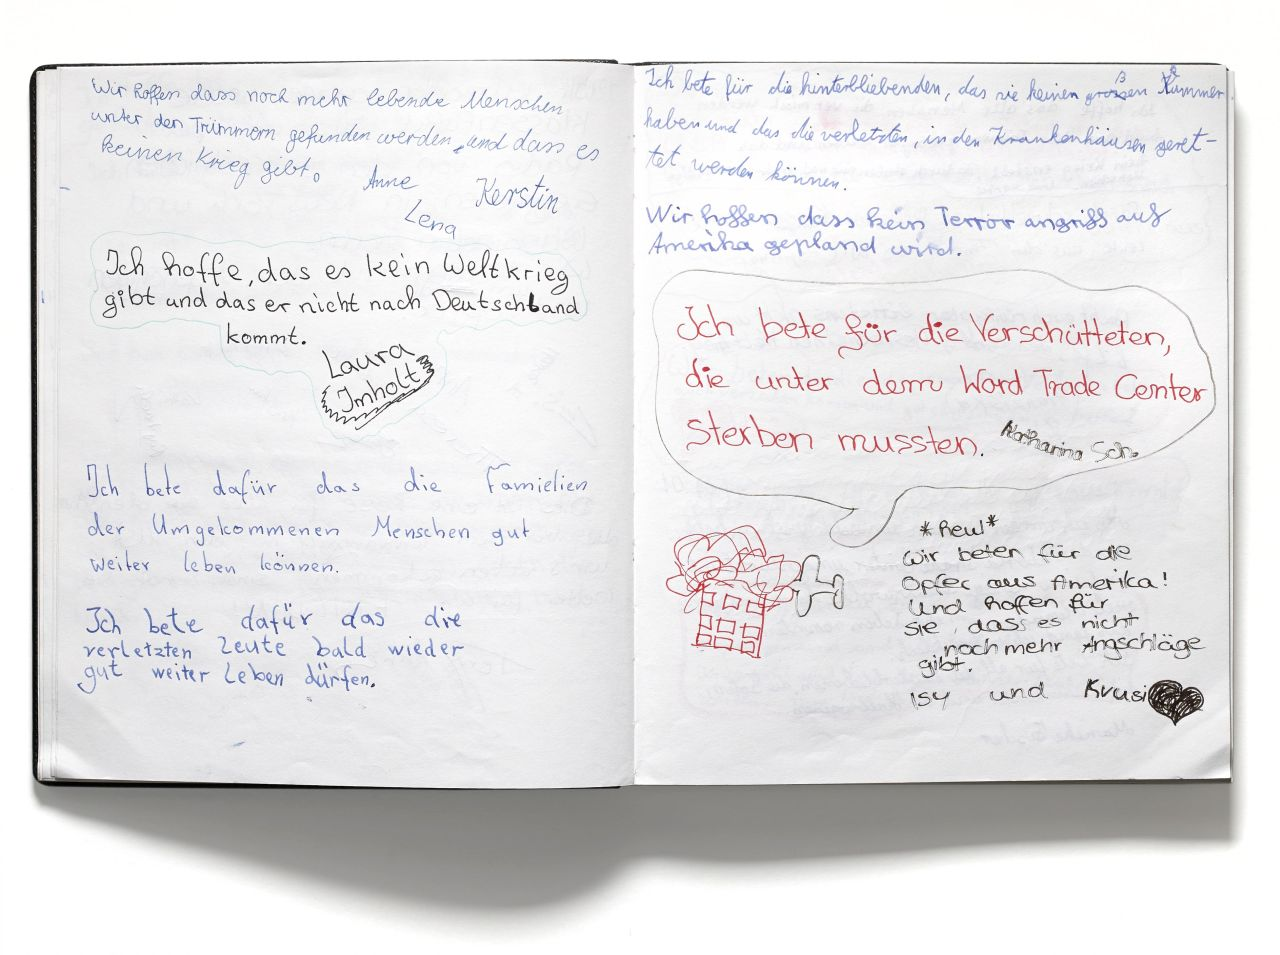 Buch mit schwarzem Kunstledereinband; Vorblatt: In Memoriam 11.09.2001, handschriftlich; auf den folgenden Seiten zahlreiche Einträge von Schülern zu den Terrorangriffen am 11. September 2001 auf das World Trade Center und das Pentagon. Beispiel: Es tut u